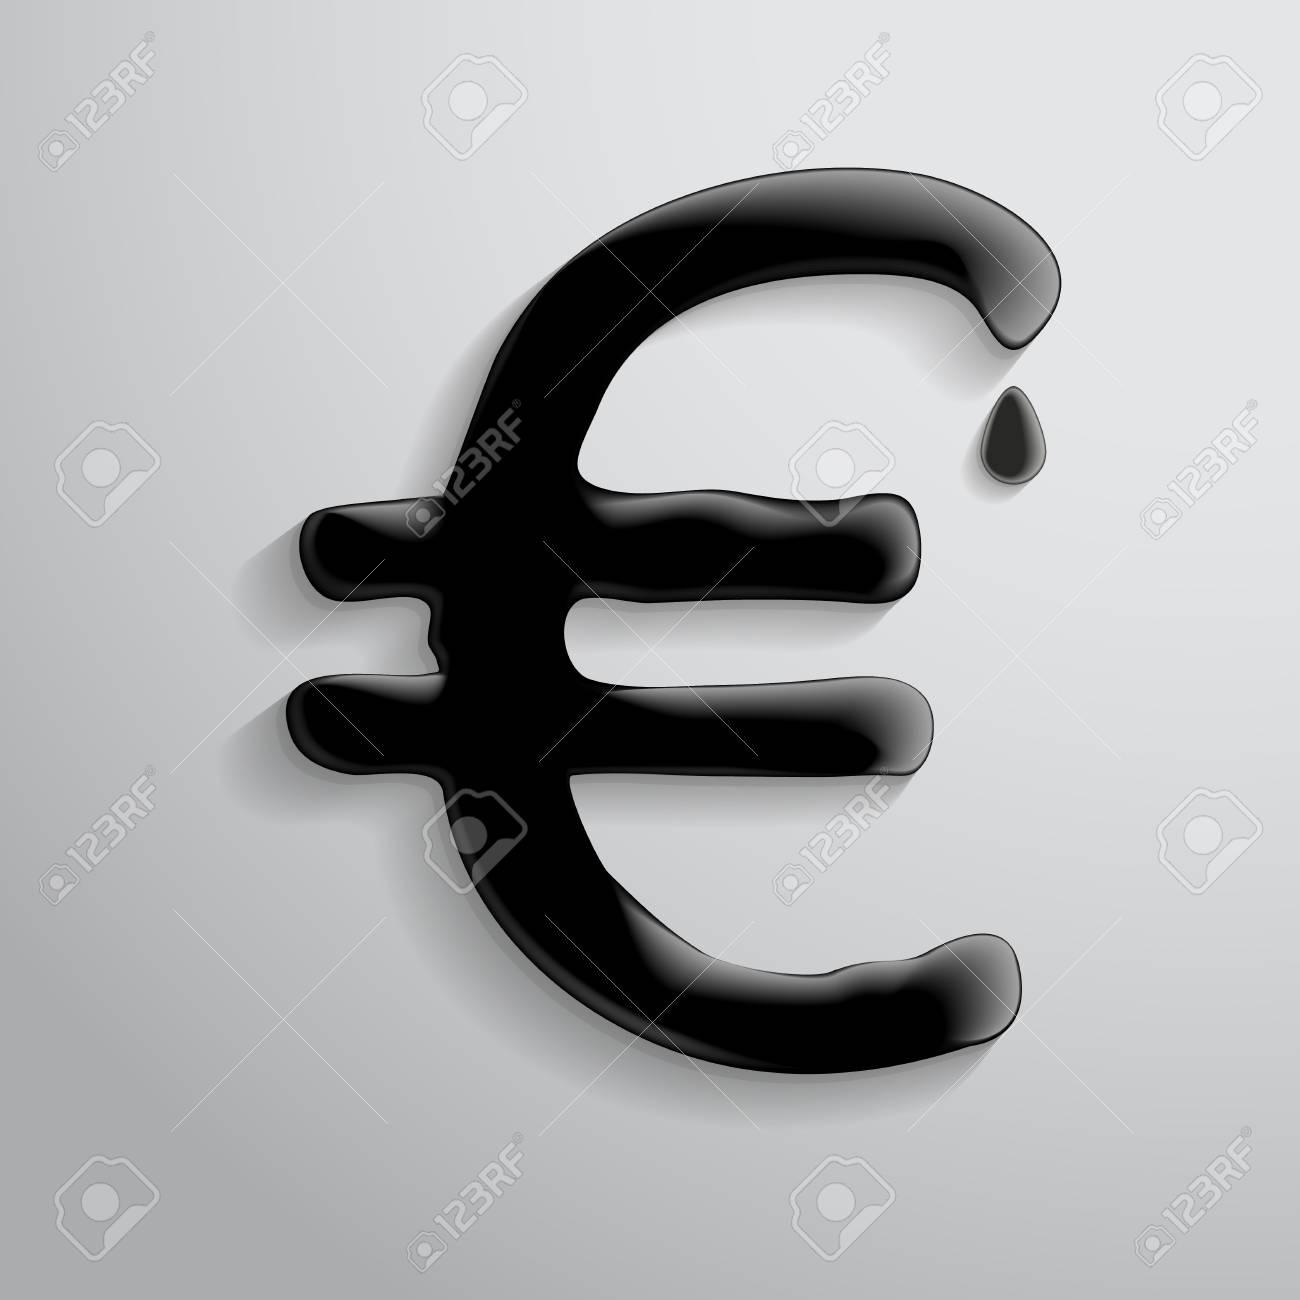 Das Symbol Der Euro Von Flüssiggas. Lizenzfrei Nutzbare